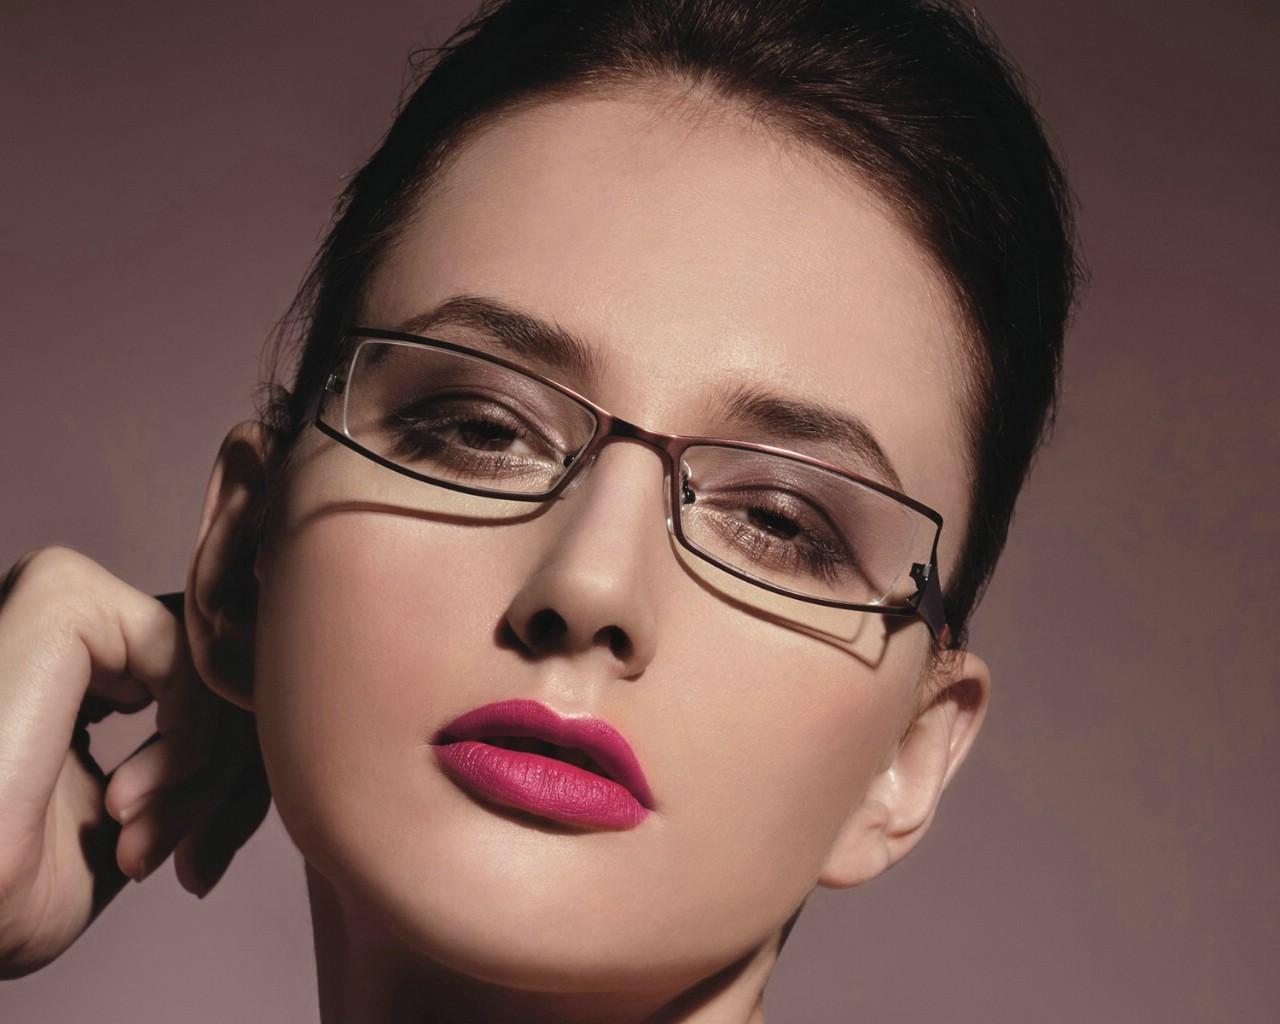 眼镜美女图片素材唯美壁纸